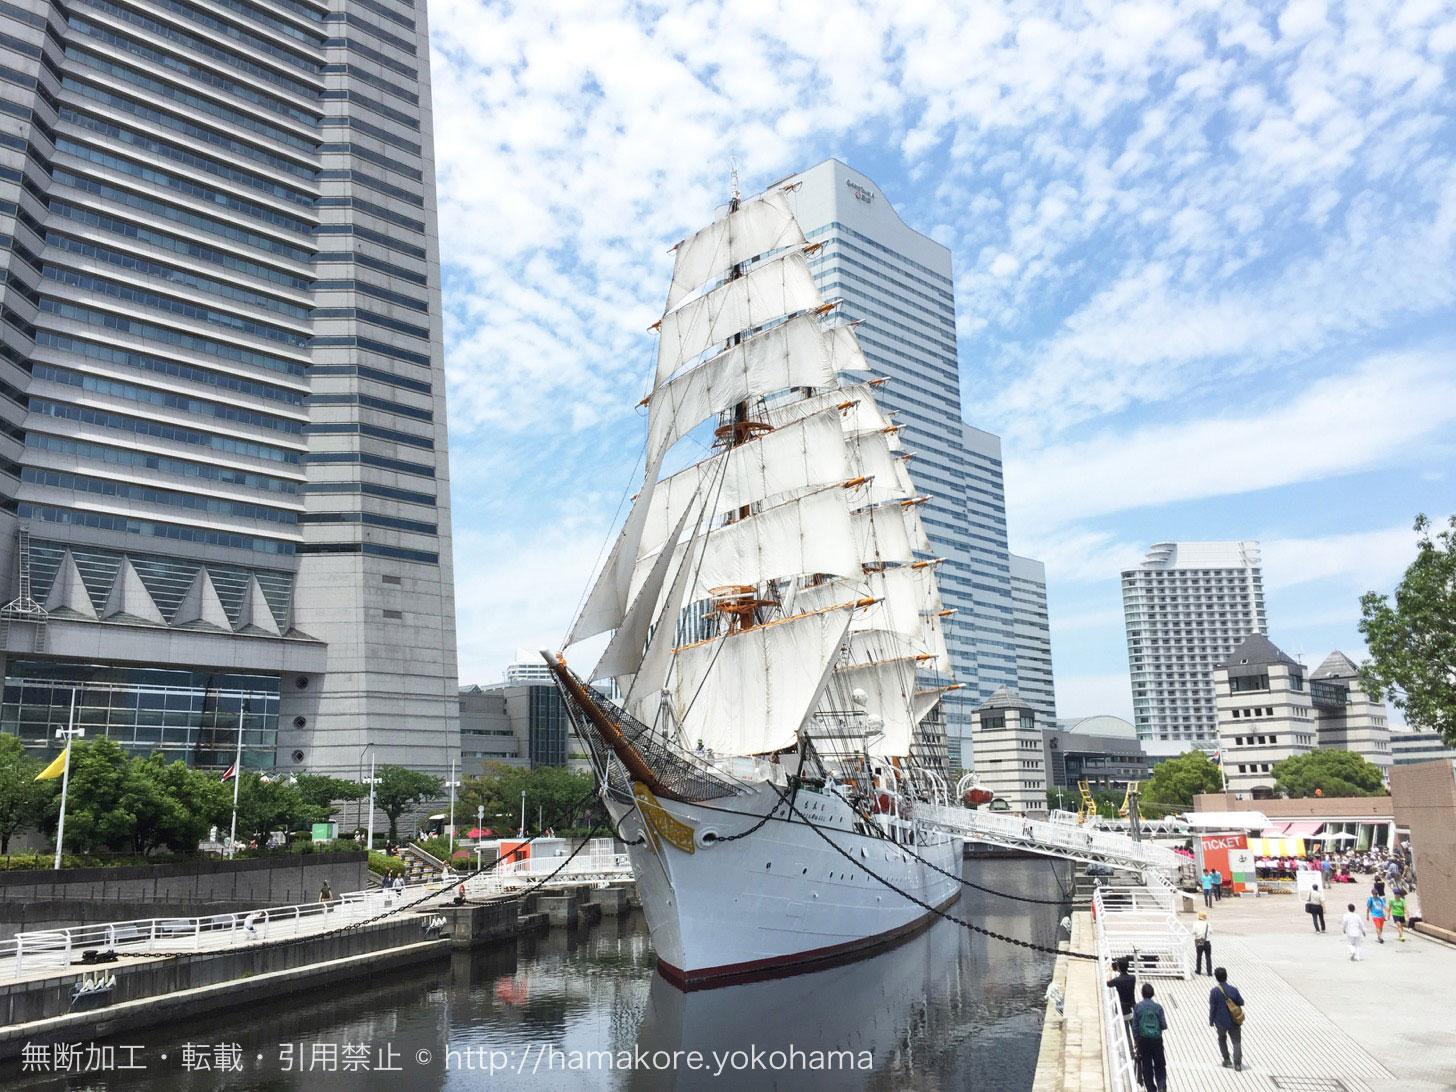 帆船日本丸「総帆展帆」6月2日に開催!横浜開港記念日